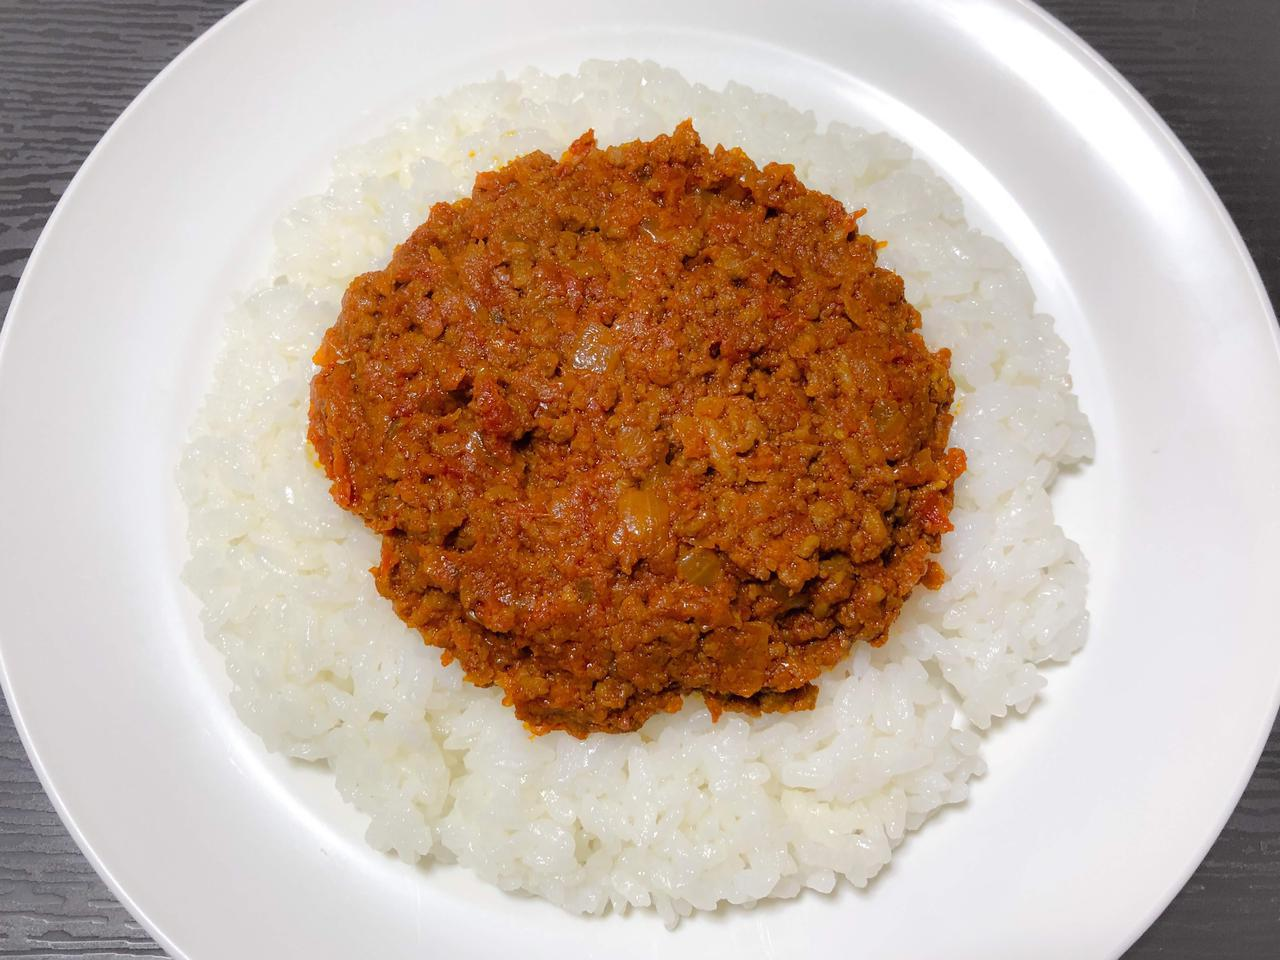 画像: 【スパイス料理5選】キャンプで使えるキーマカレー&ハンバーグの簡単レシピを大公開! - ハピキャン(HAPPY CAMPER)